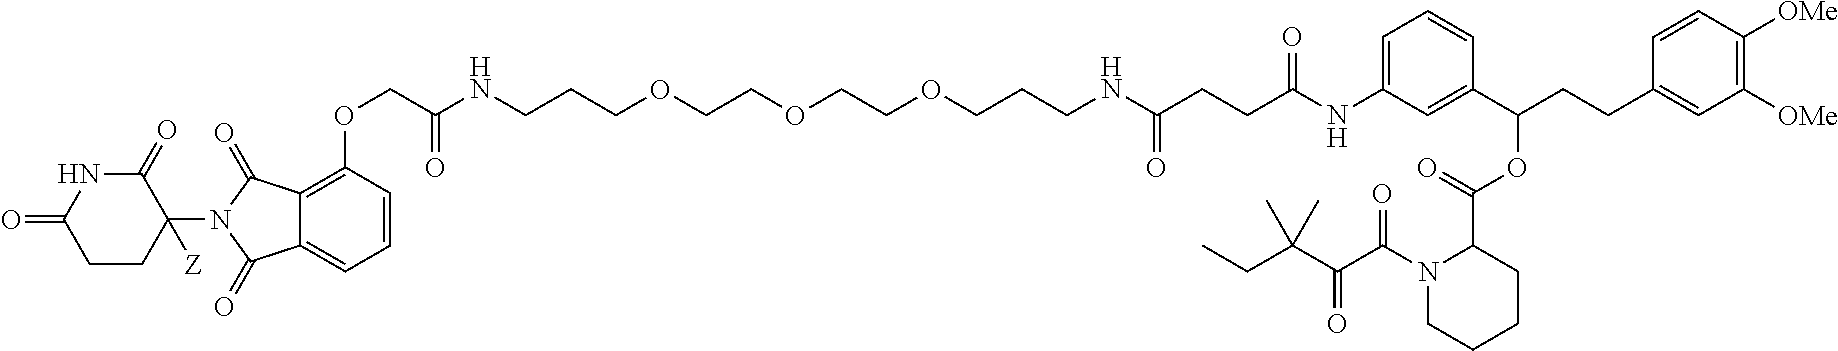 Figure US09809603-20171107-C00037